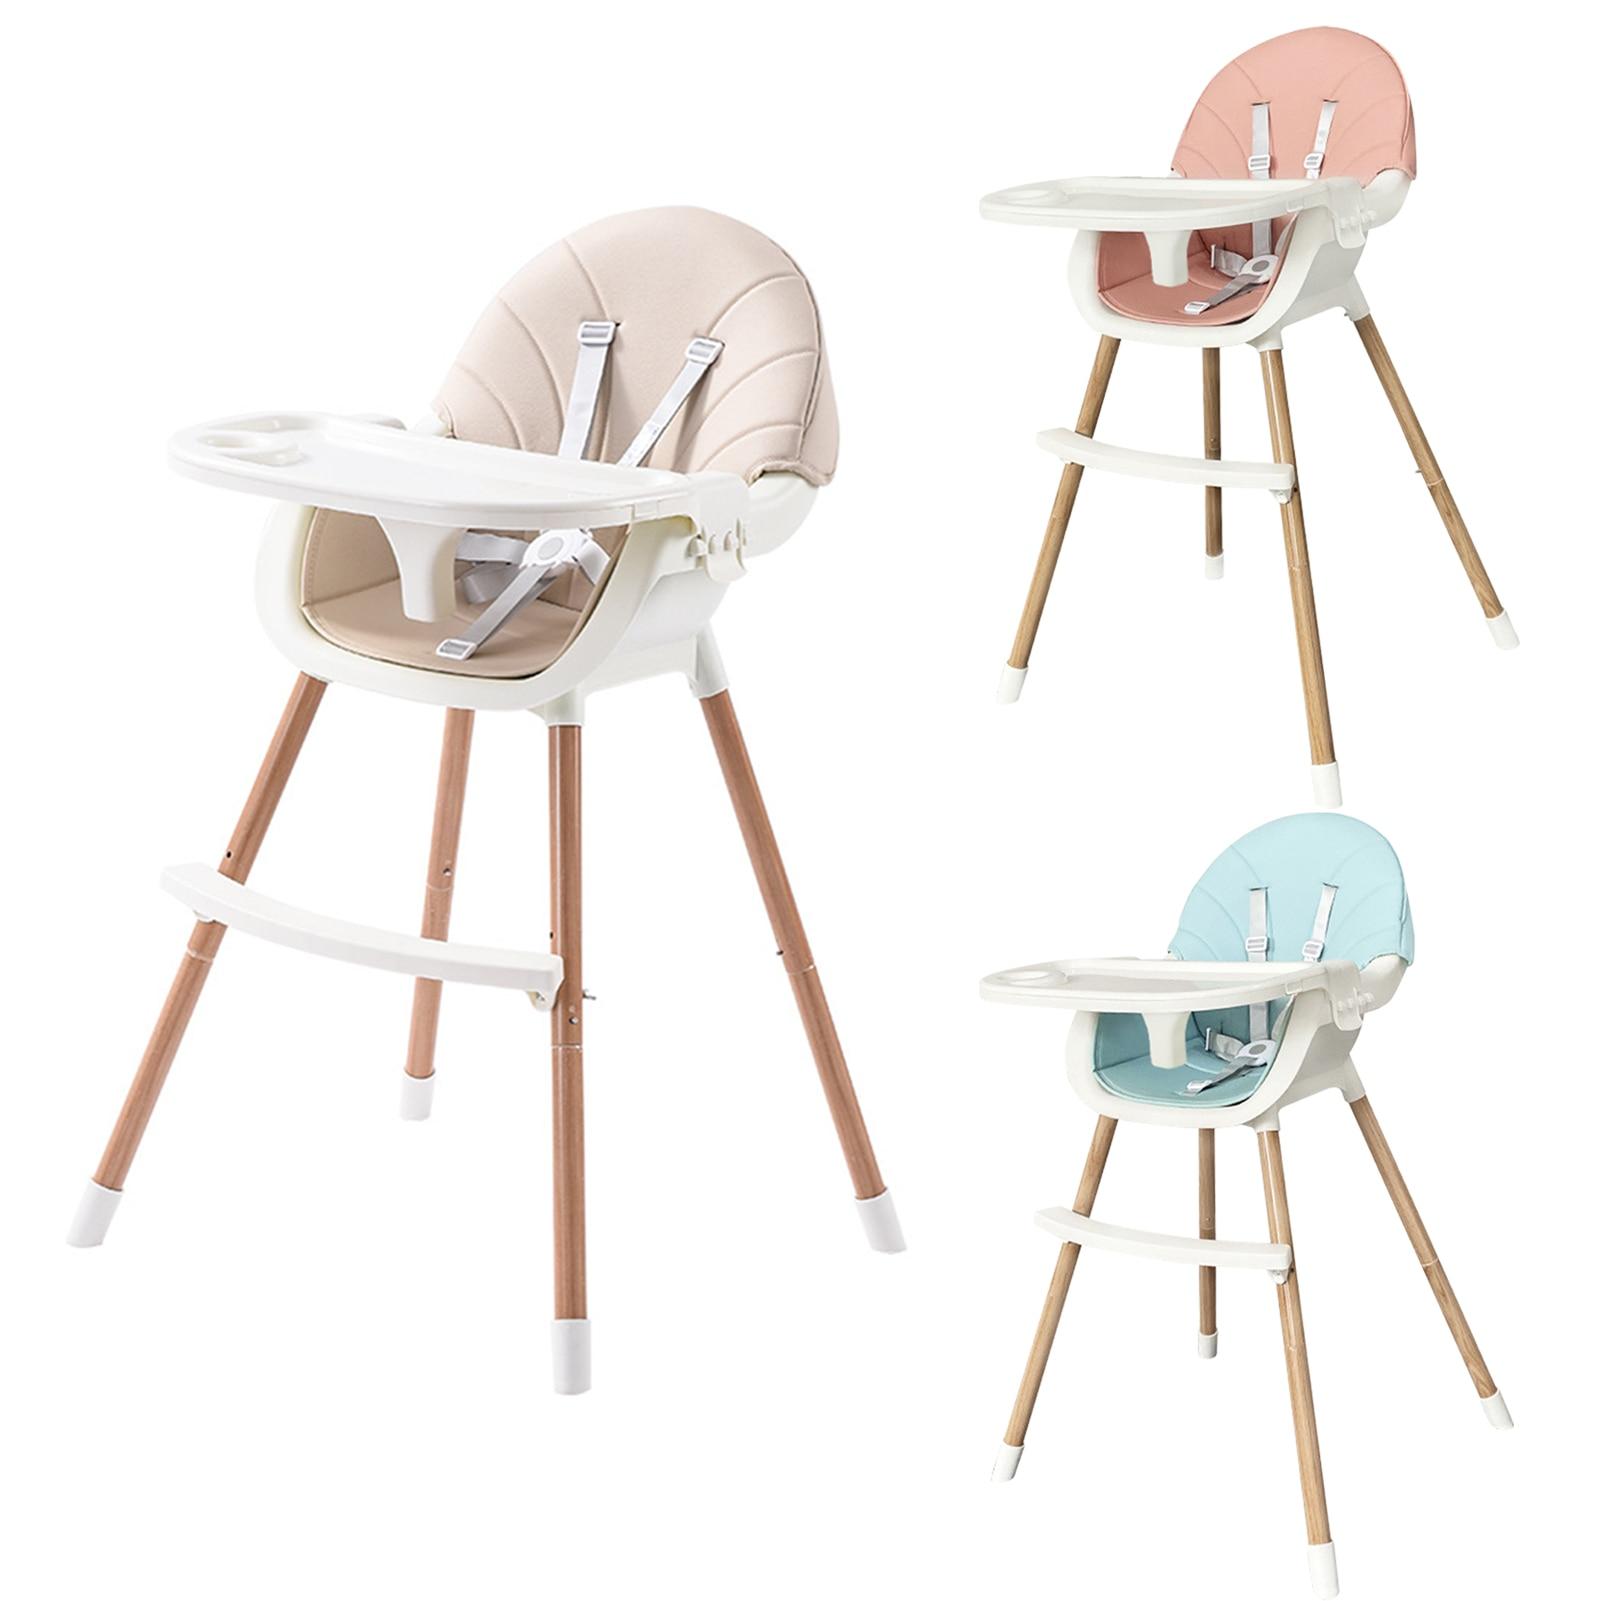 Детский высокий стул, подлинный портативный стул для кормления, детский высокий стул, Многофункциональный Детский обеденный стул 1